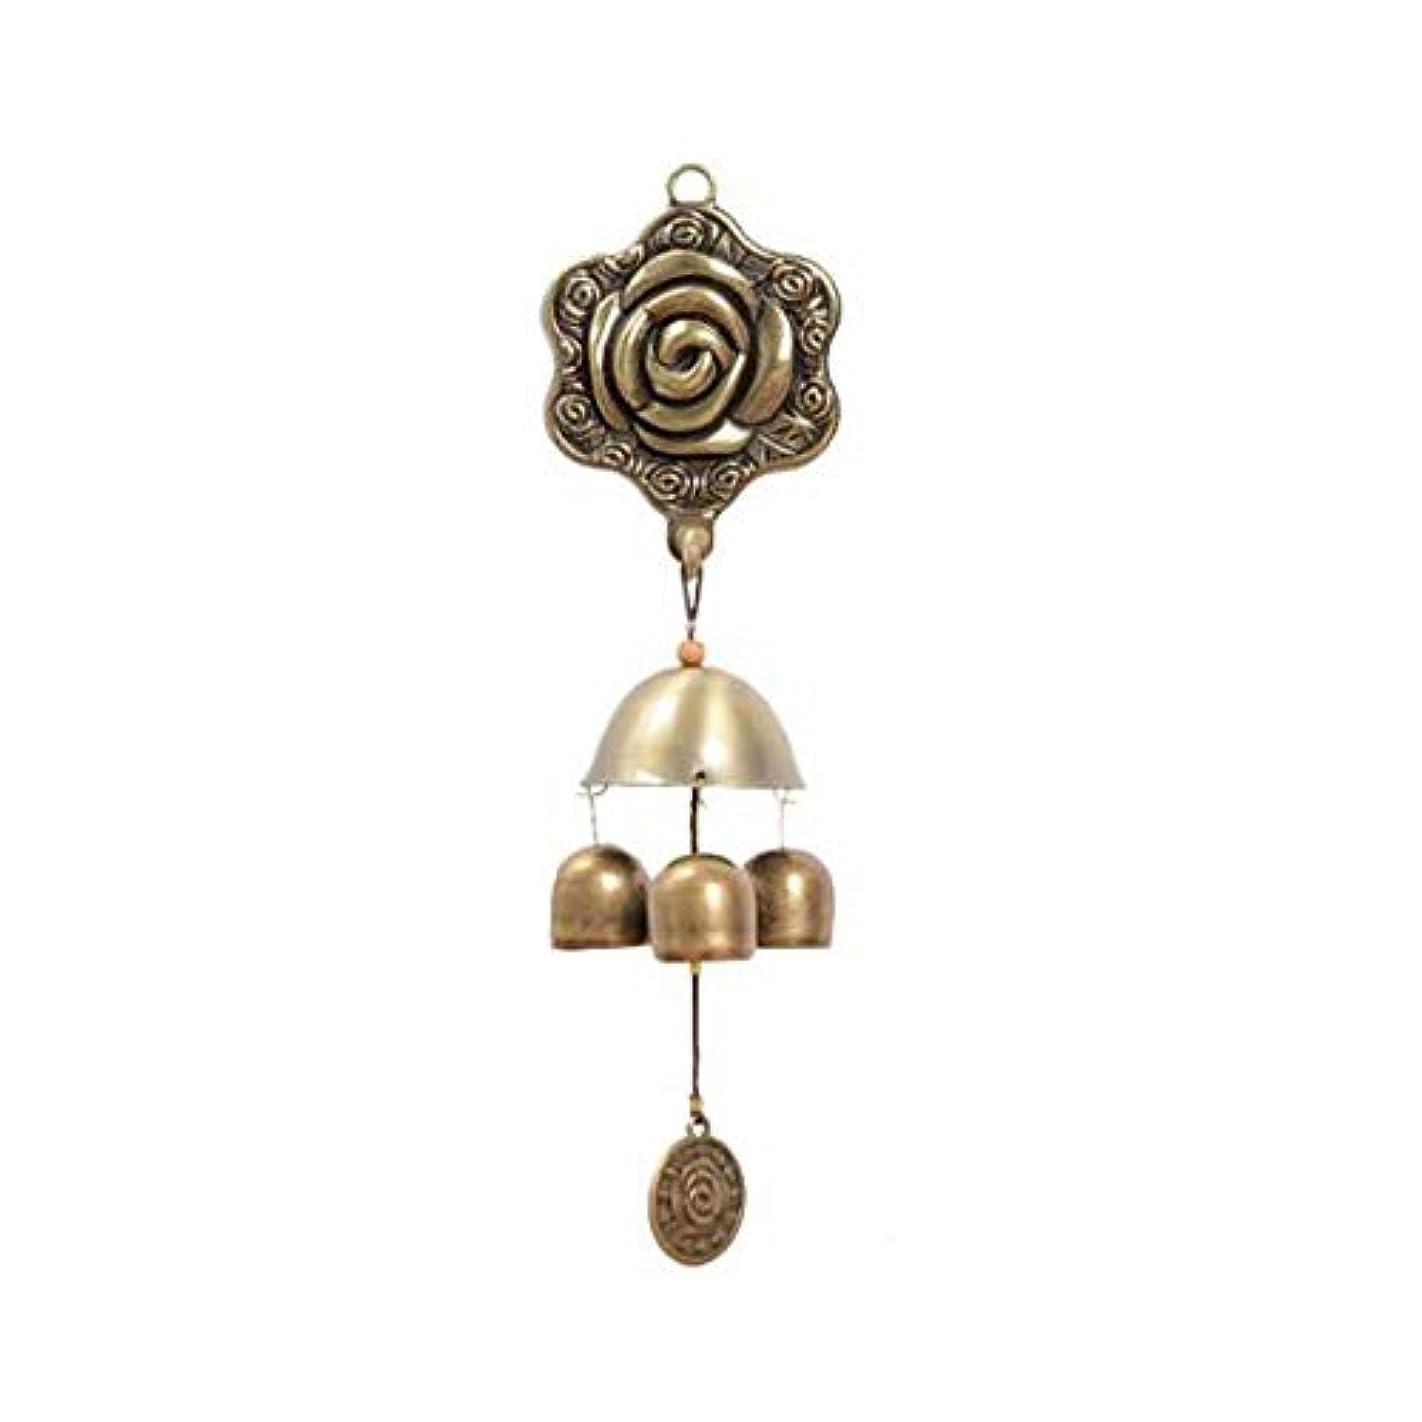 マラウイバンケット法王風チャイム、3つの純銅ベル、ホームデコレーション、蝶ローズメタル自吸式風チャイム、 (Color : 1, Size : 25cm)